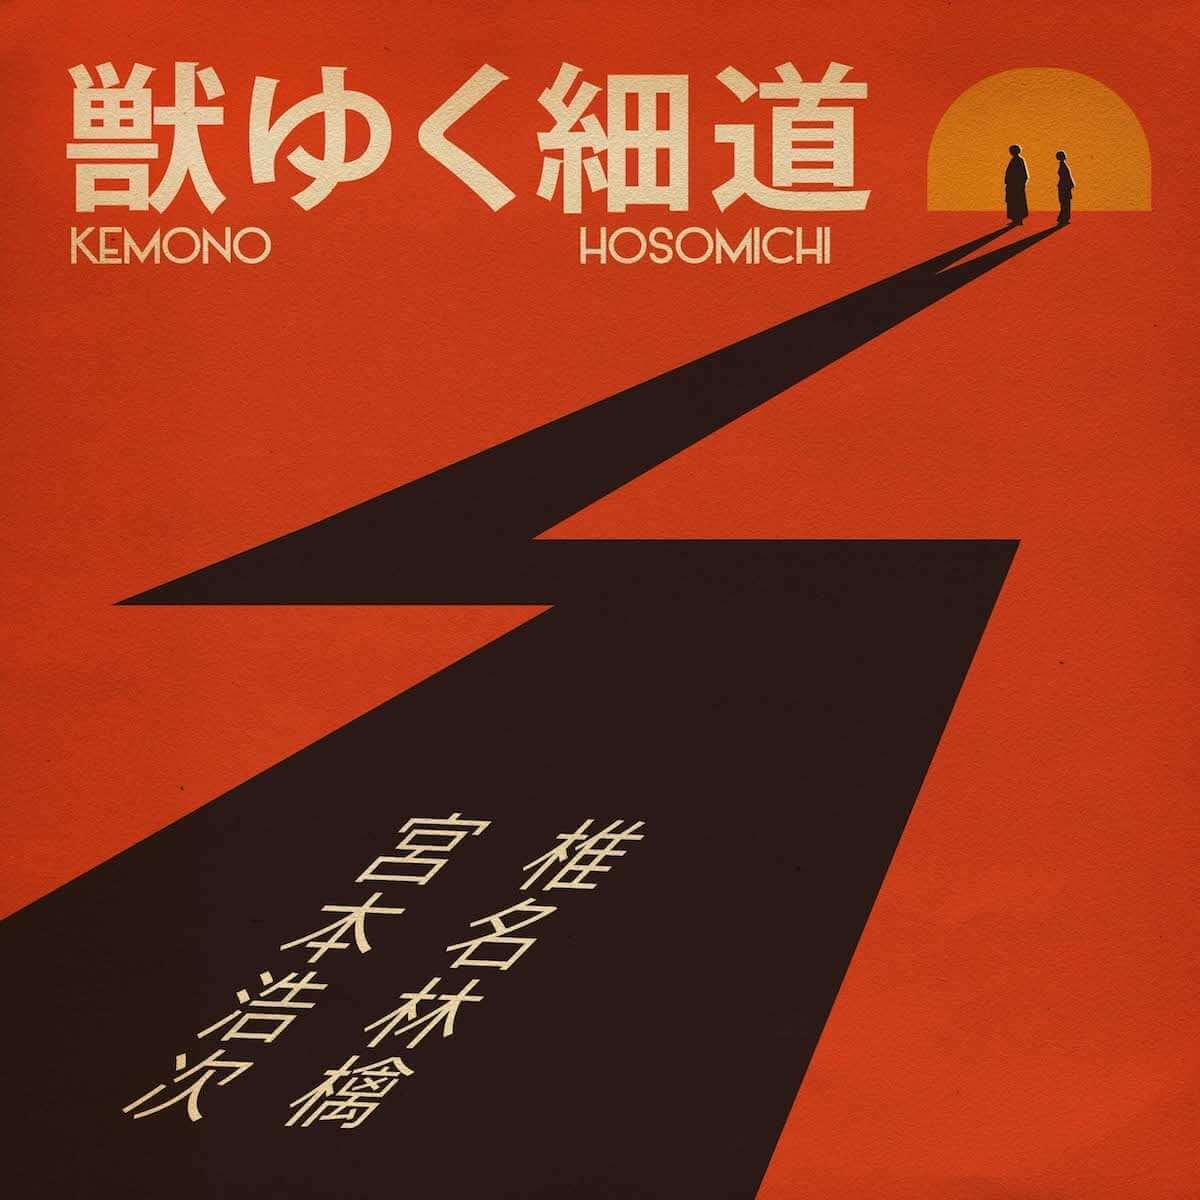 """椎名林檎、新曲""""獣ゆく細道""""で宮本浩次(エレファントカシマシ)と初共演!!MVと特設サイトも公開 music_181002_01-1200x1200"""